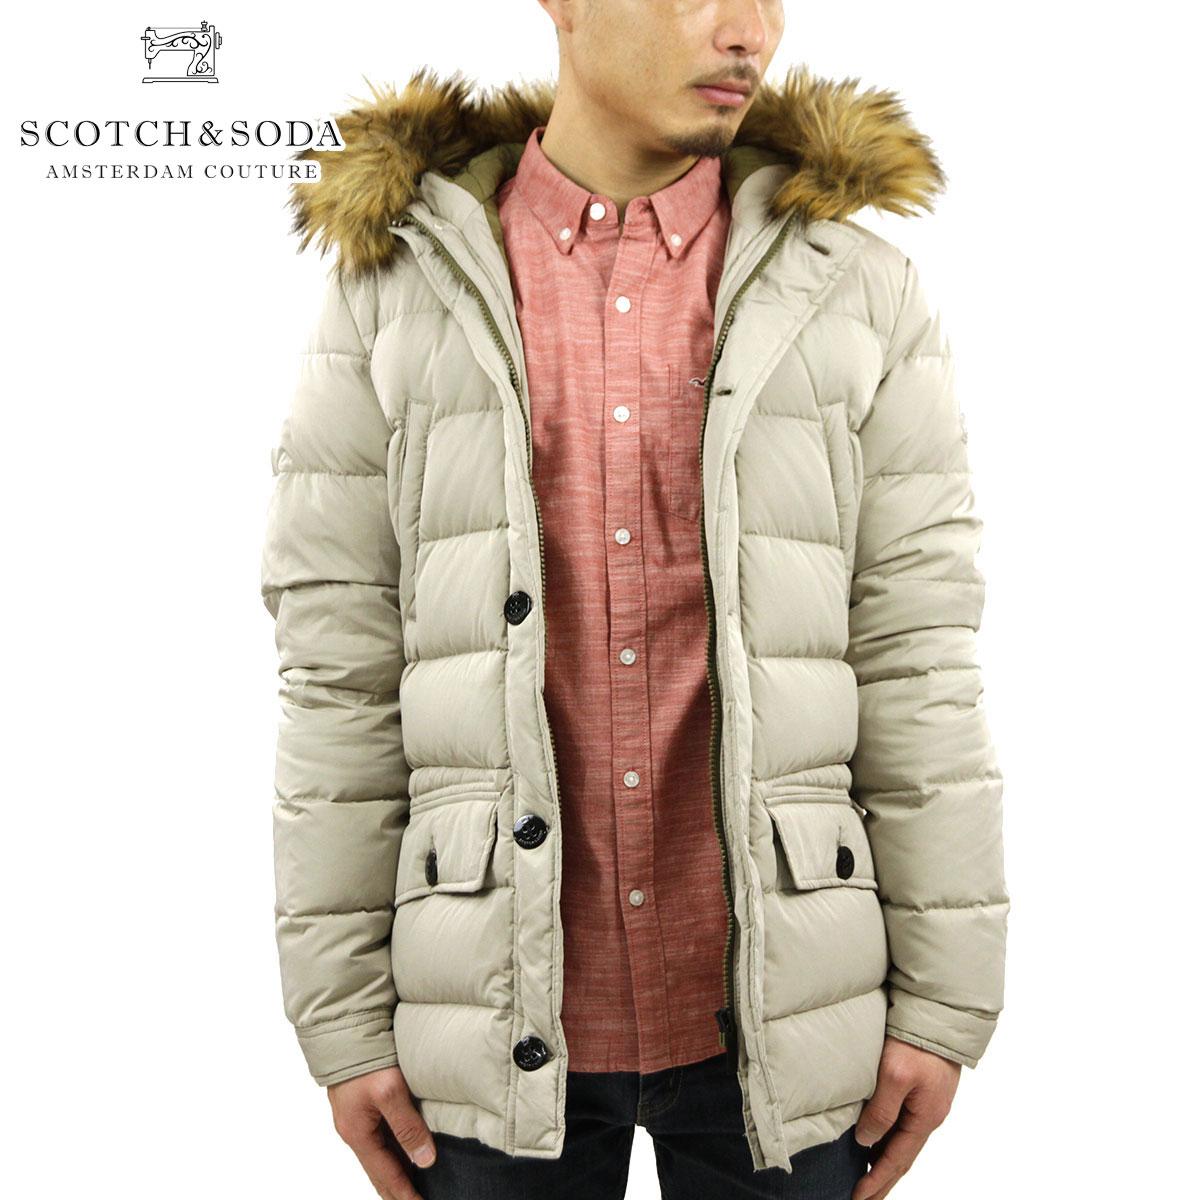 スコッチアンドソーダ SCOTCH&SODA 正規販売店 メンズ アウタージャケット Long hooded jacket with fake fur at hood edge 10014 08 D15S25